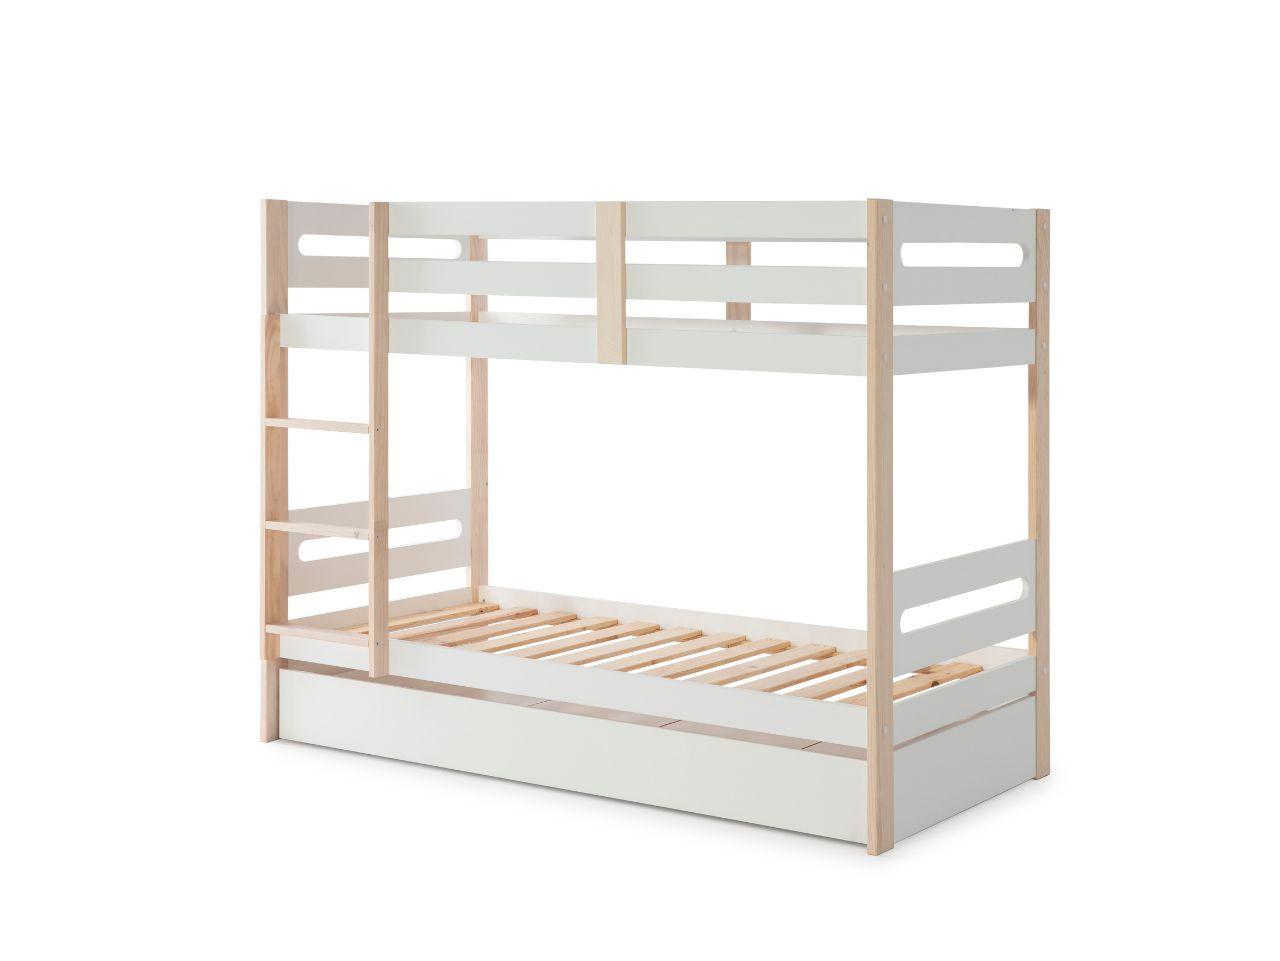 Puertas de comedor puerta cocina saln comedor puertas de - Vitrinas blancas baratas ...